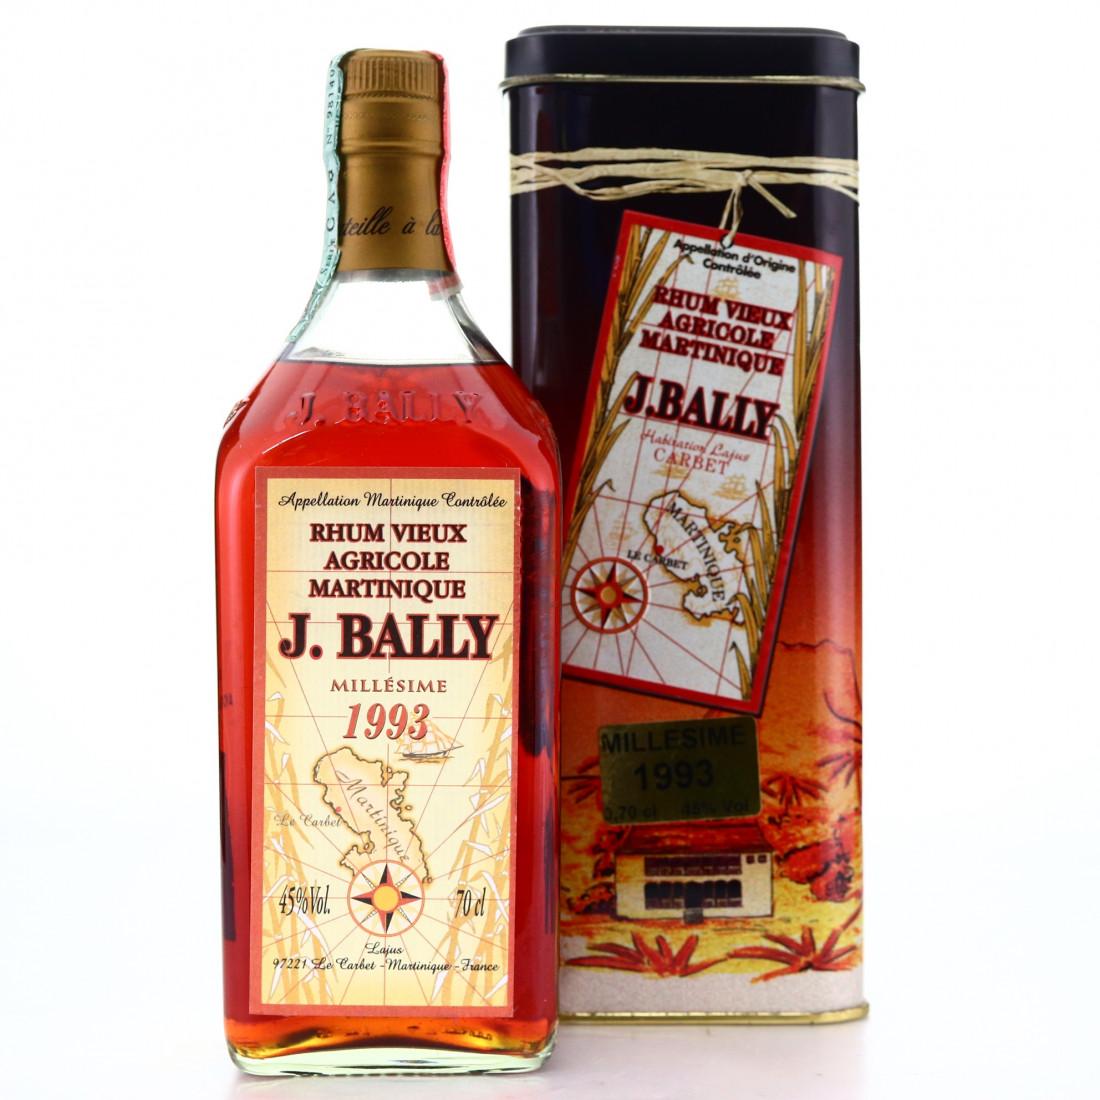 J. Bally 1993 Rhum Vieux